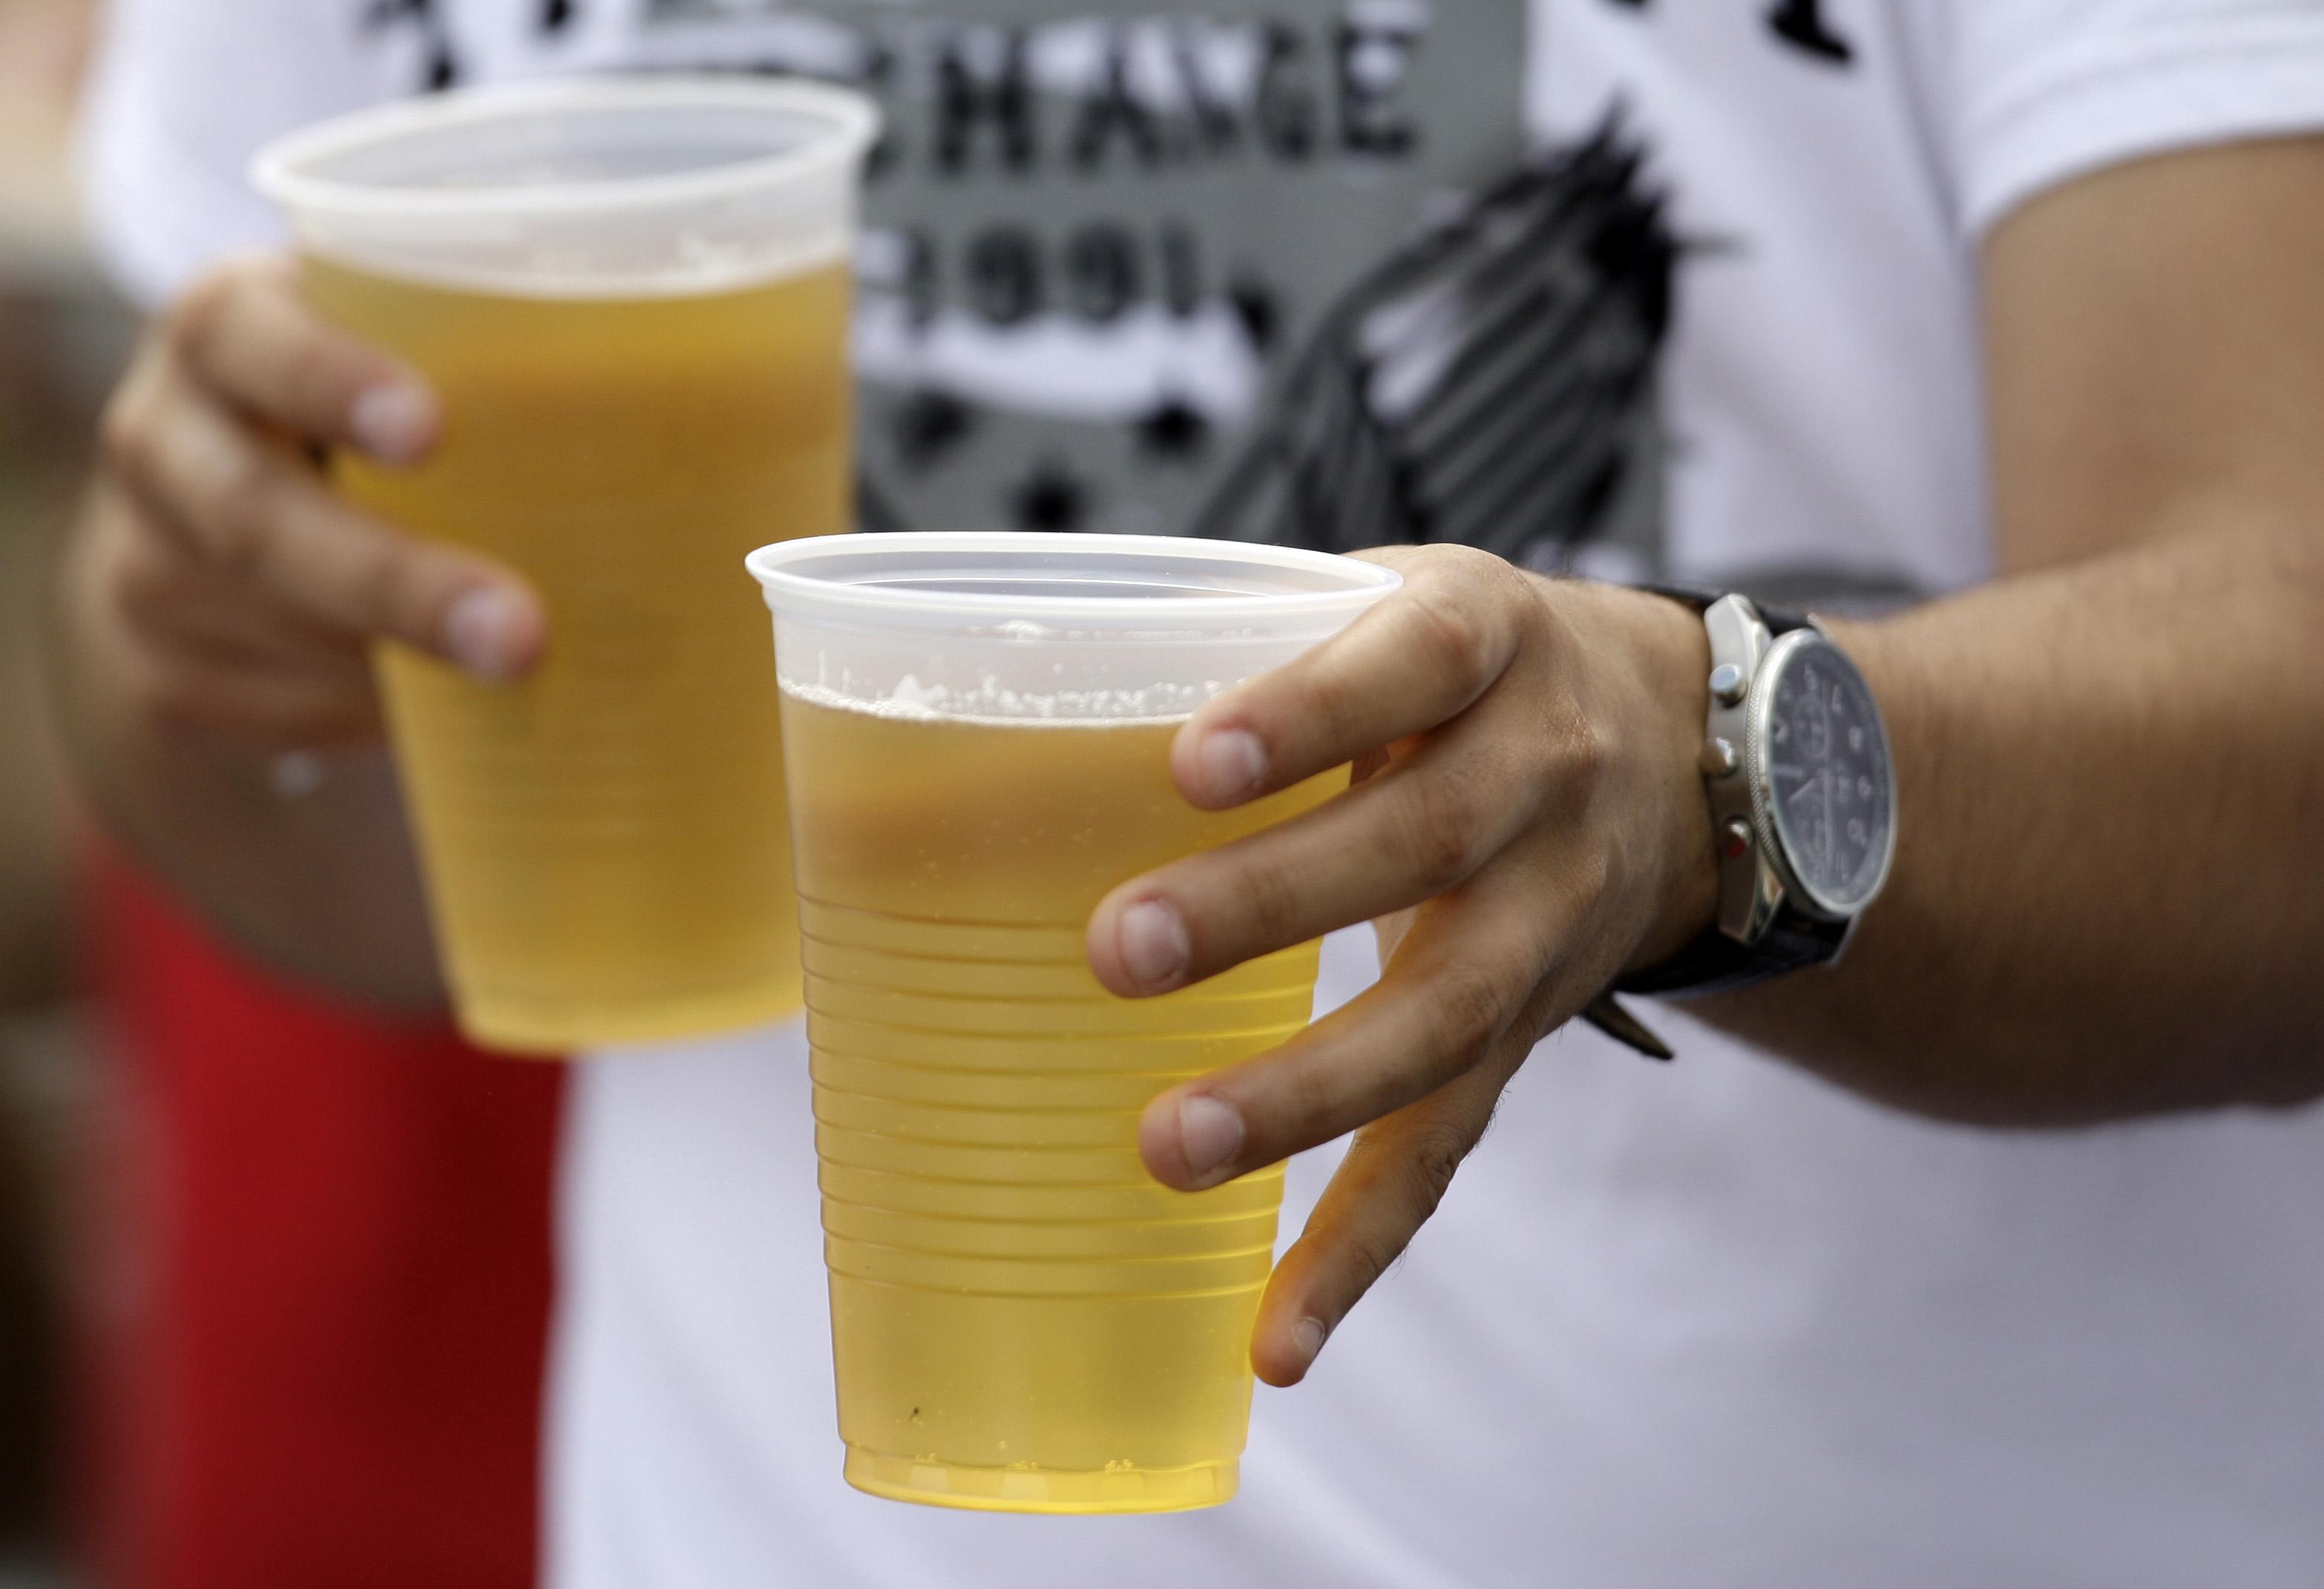 US tariffs hit American beer drinkers